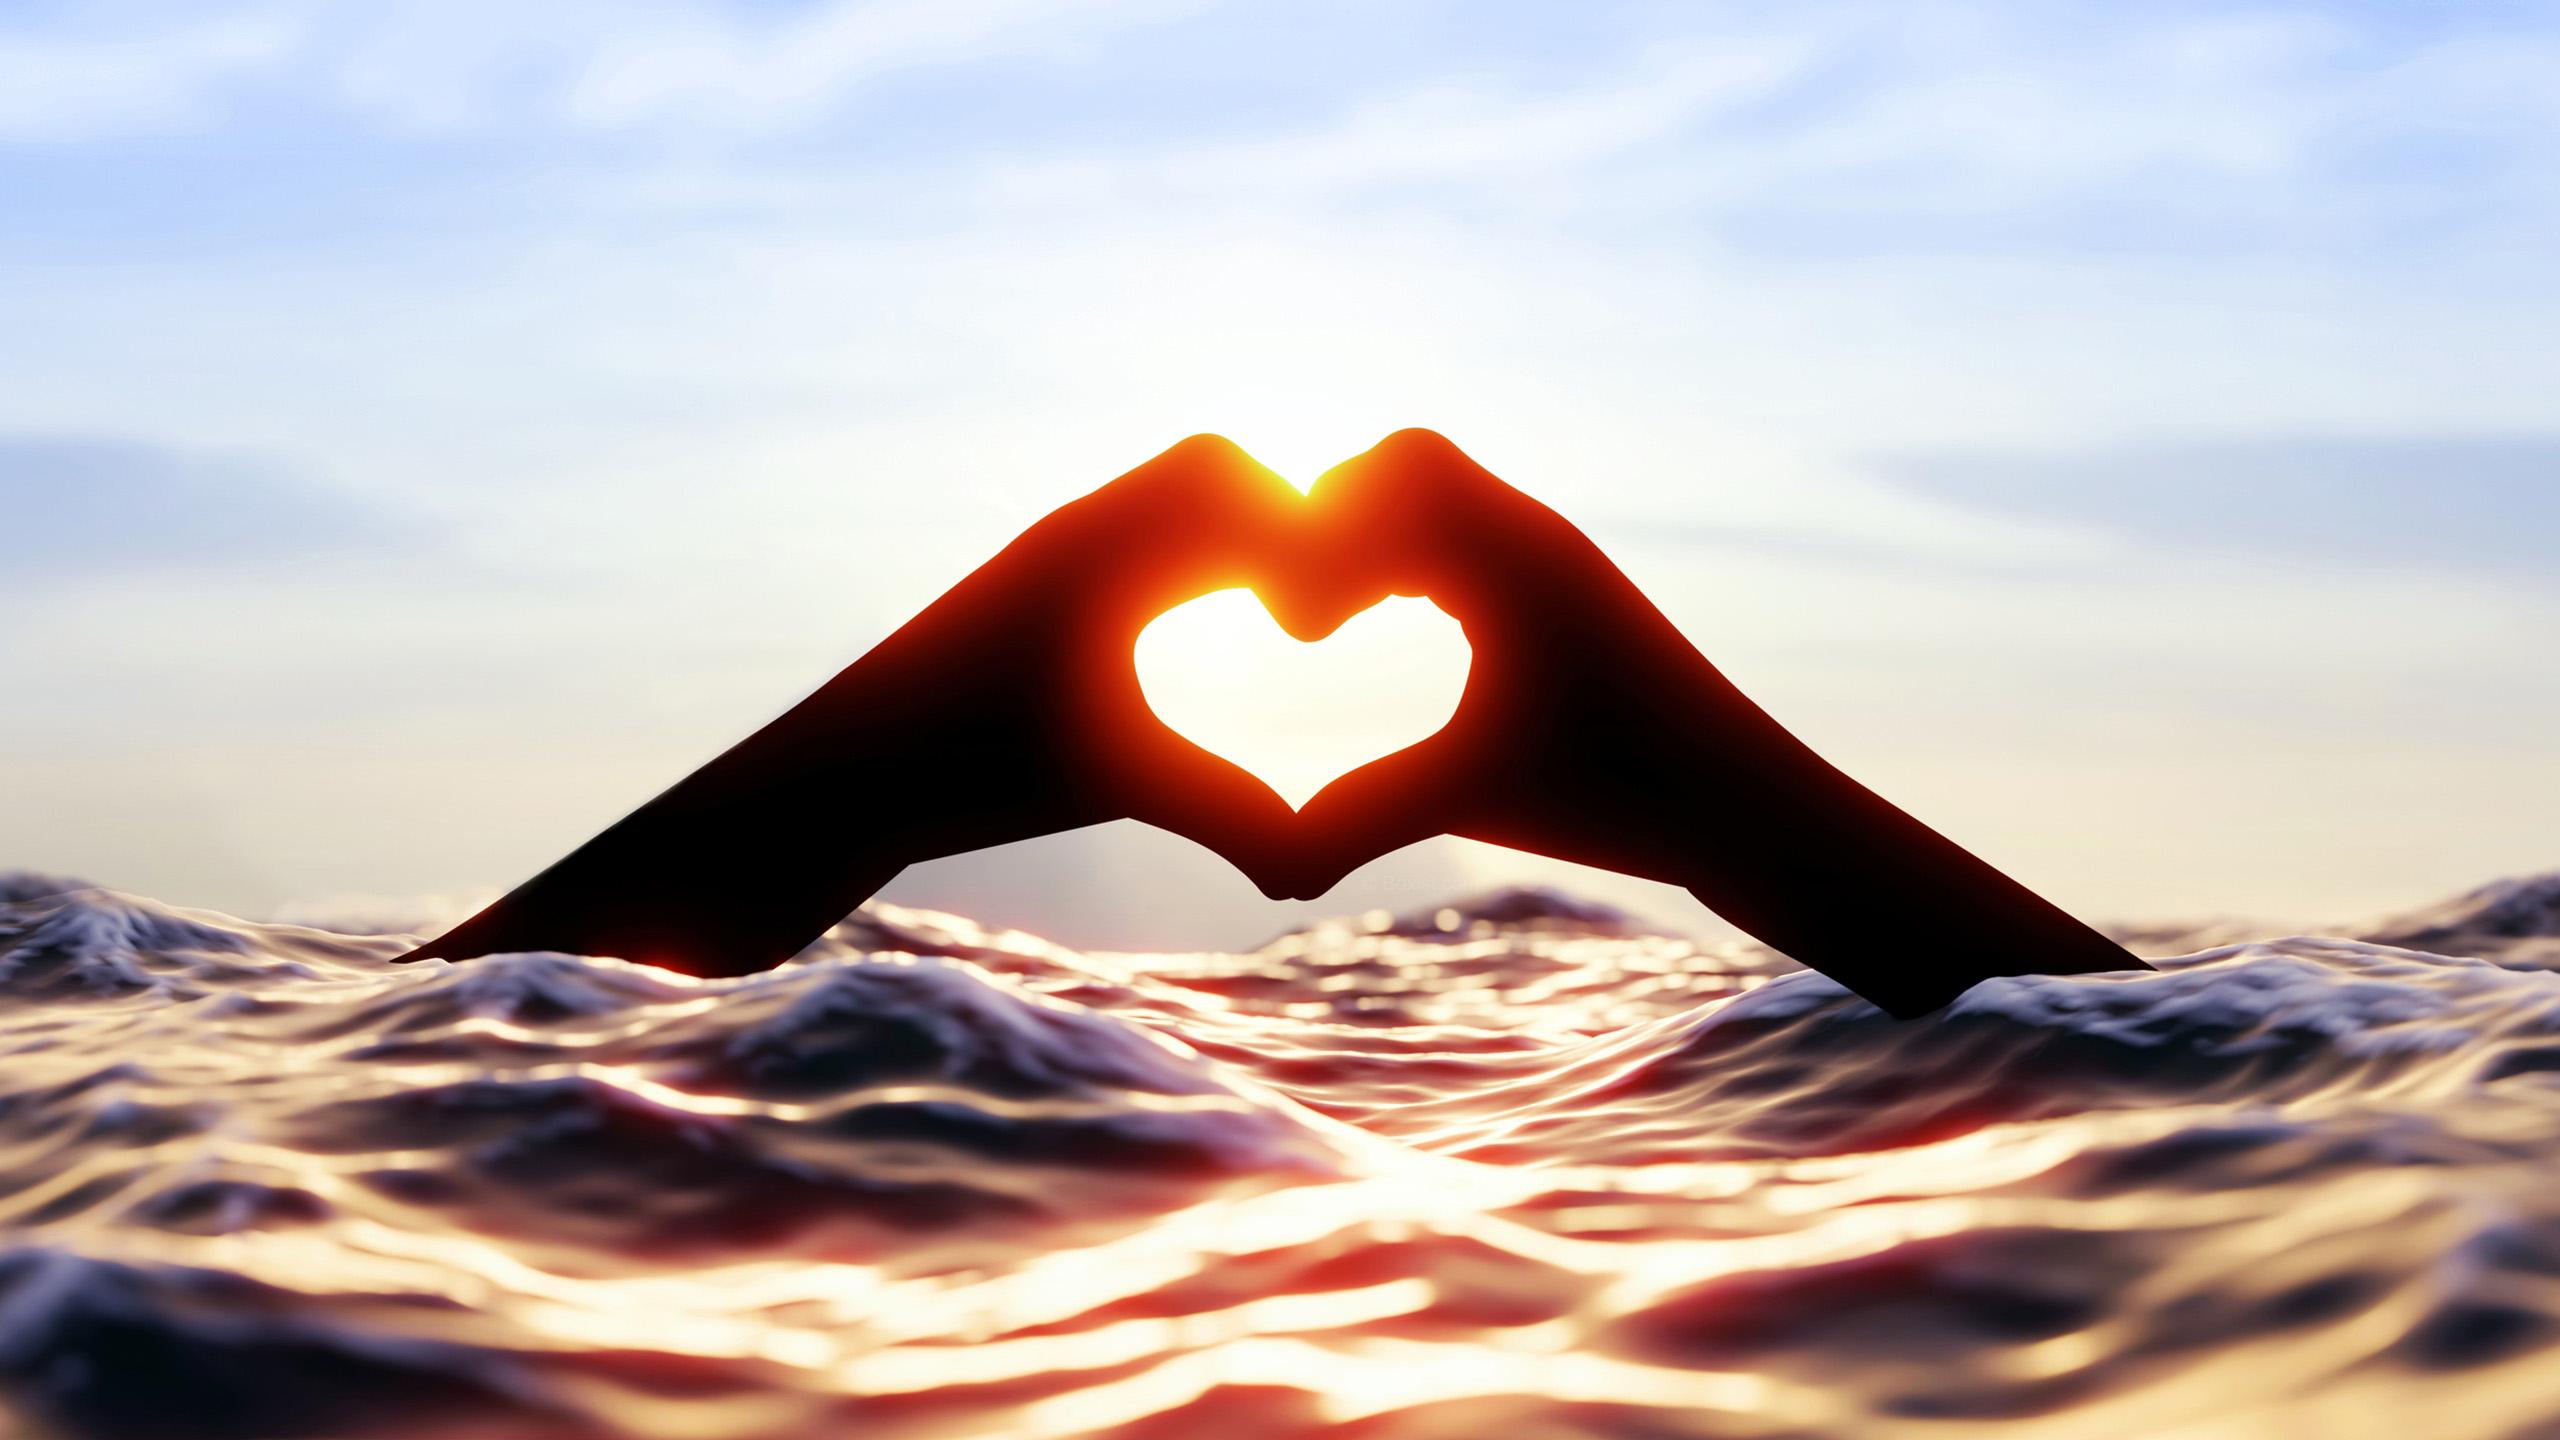 爱情美图,阳光,爱心,海浪,波浪